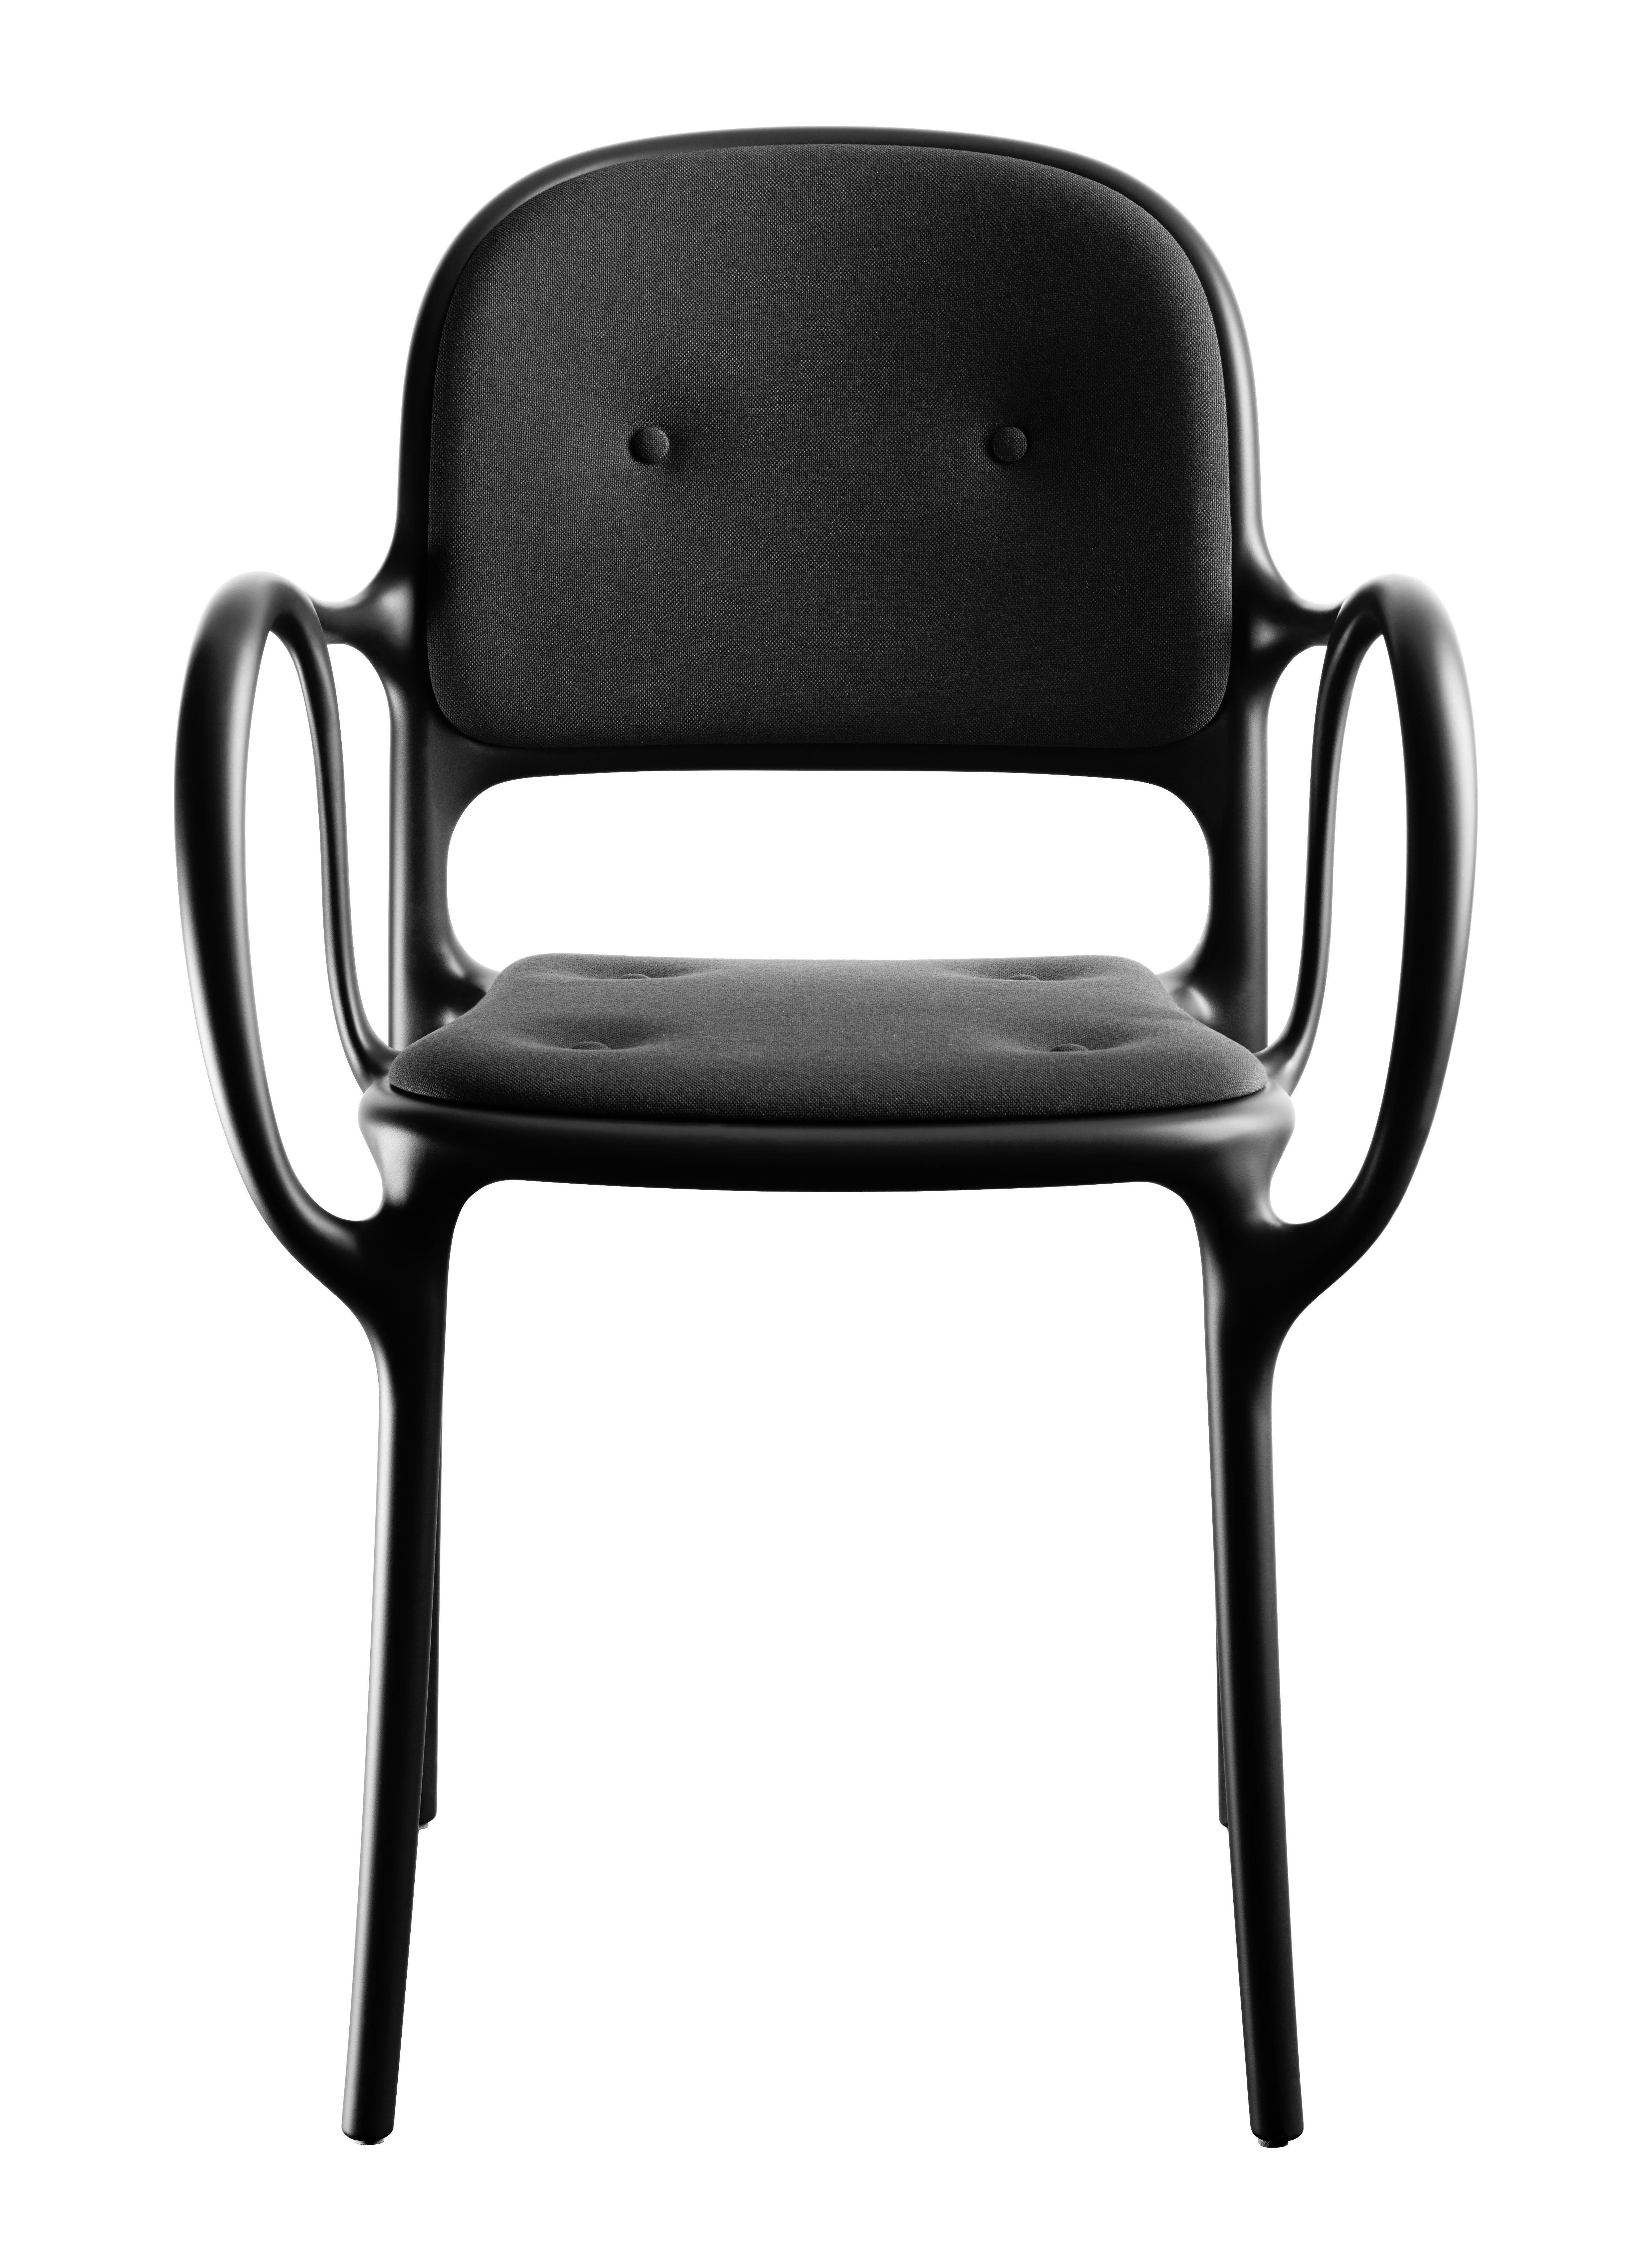 Mobilier - Chaises, fauteuils de salle à manger - Fauteuil rembourré Milà / Tissu - Magis - Noir - Polypropylène, Polyuréthane, Tissu